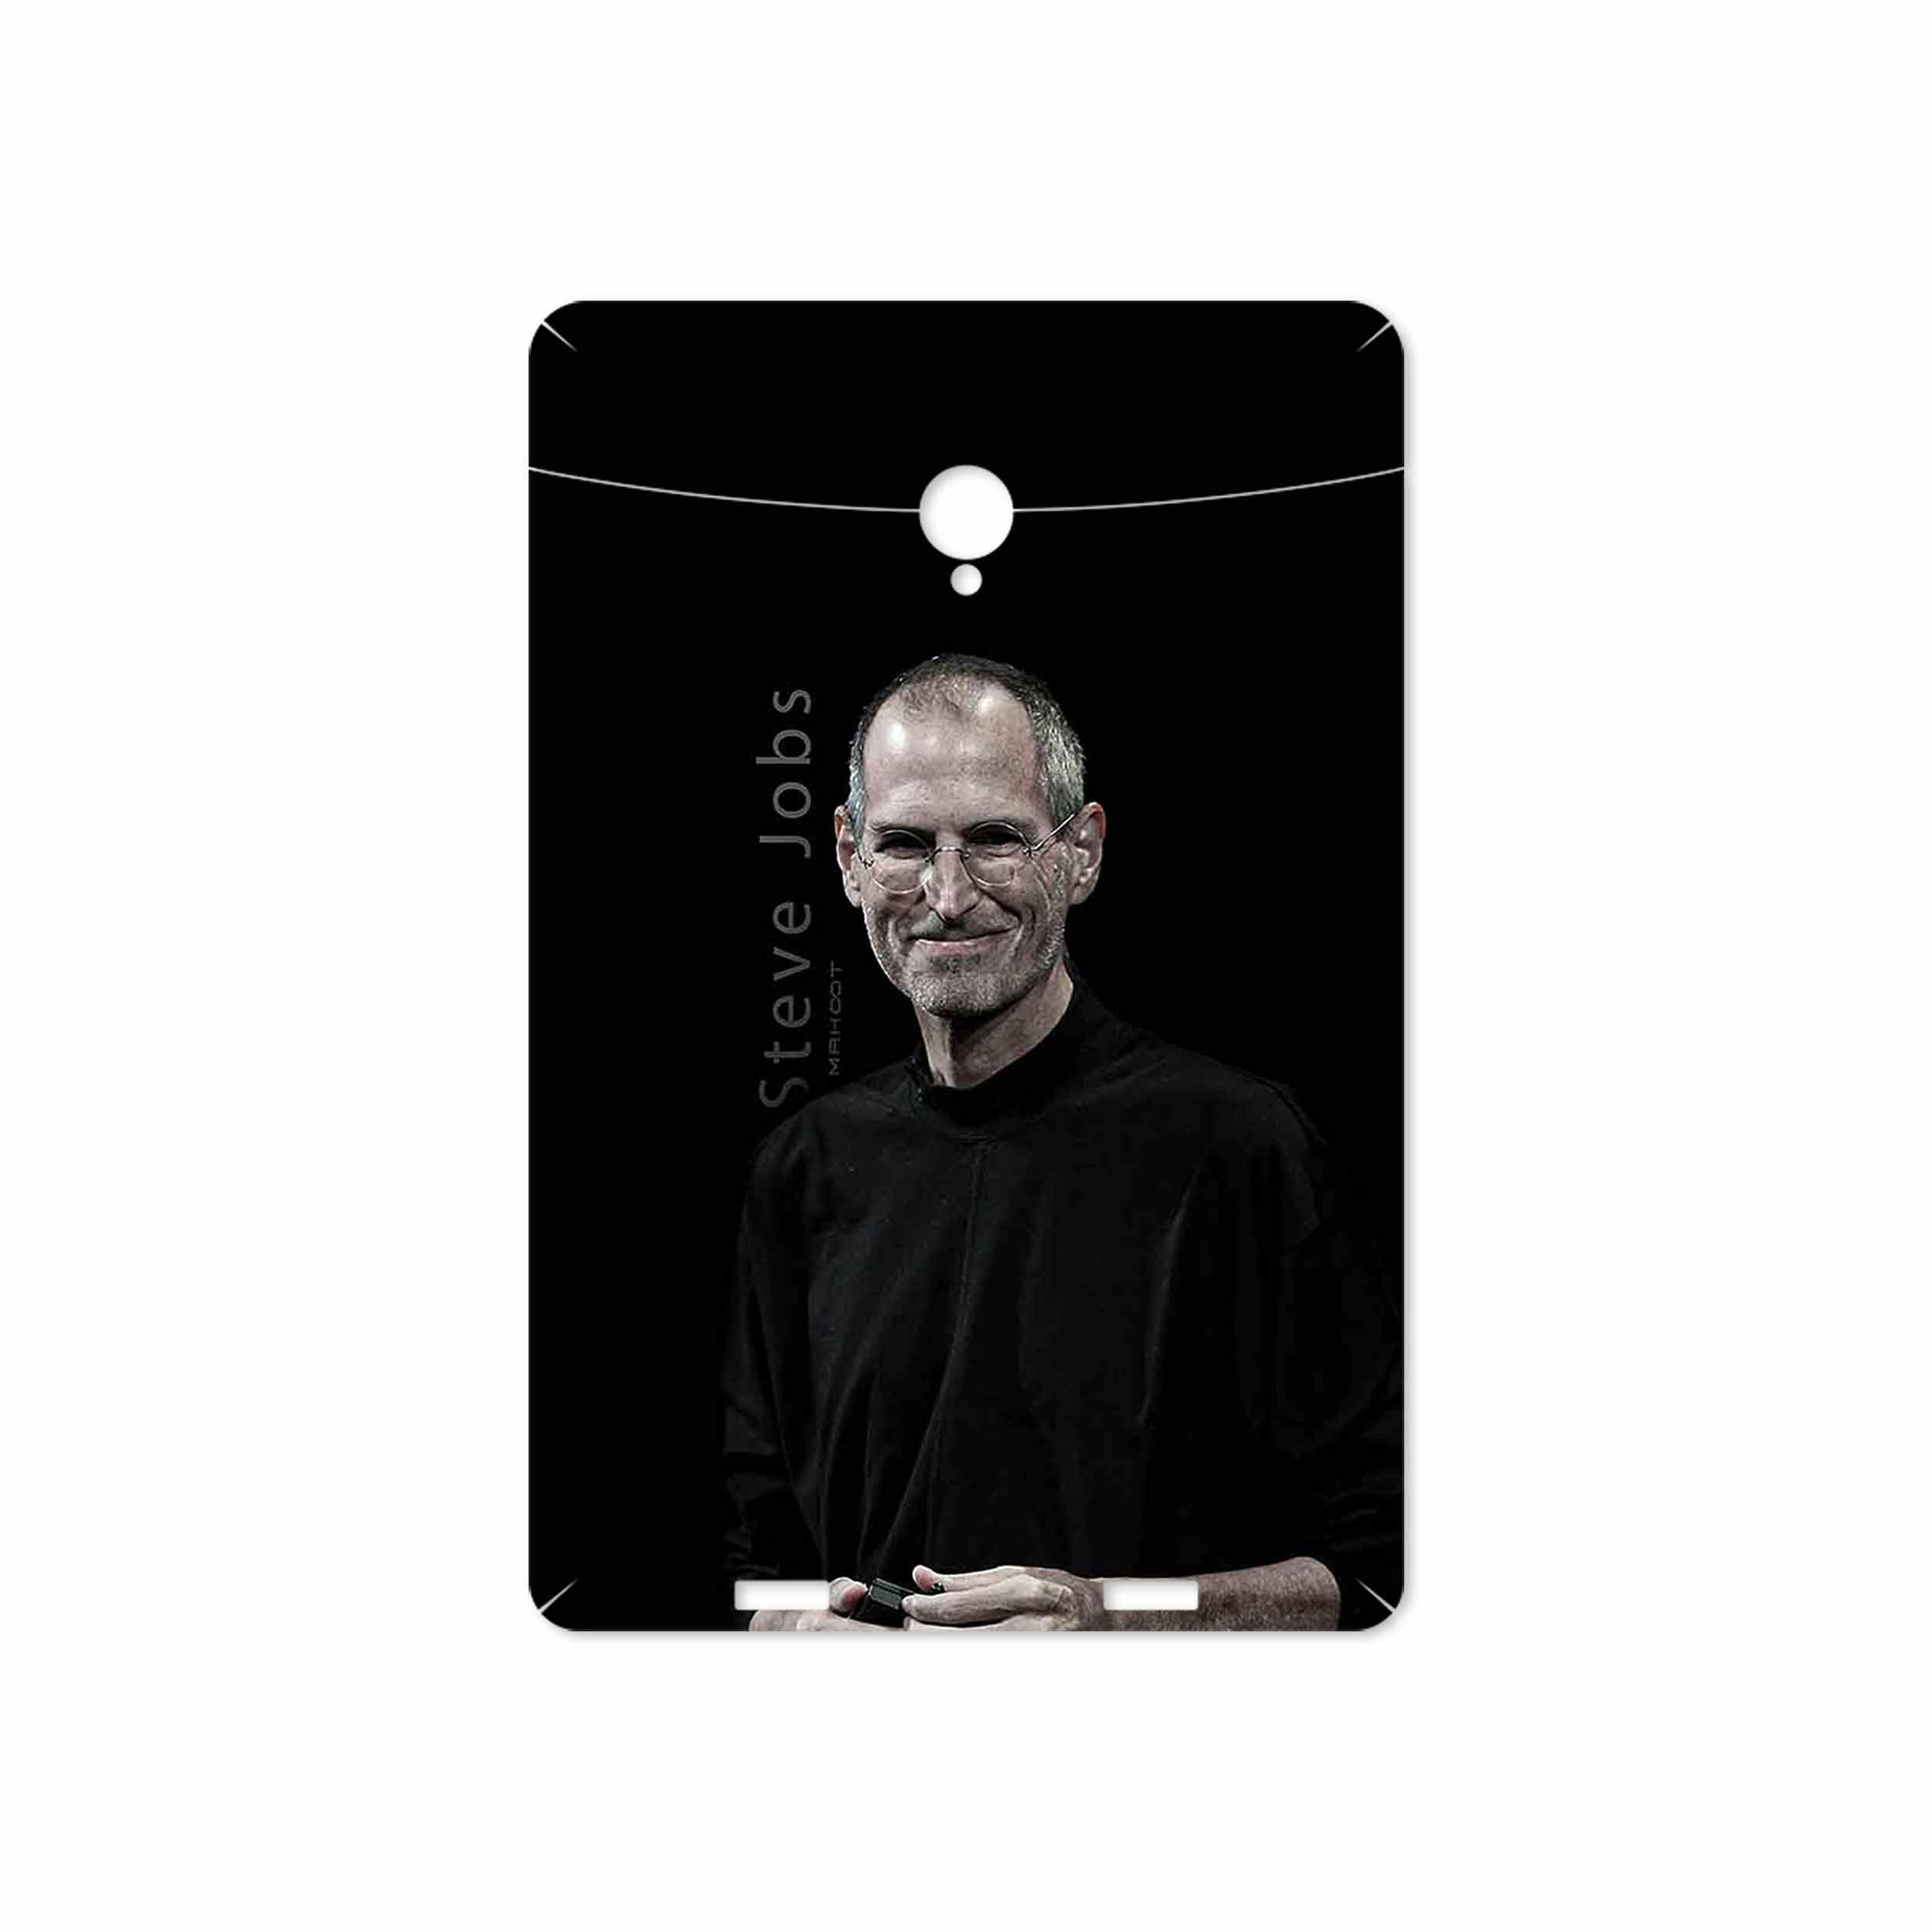 بررسی و خرید [با تخفیف]                                     برچسب پوششی ماهوت مدل Steve Jobs مناسب برای تبلت وریکو Unipad                             اورجینال